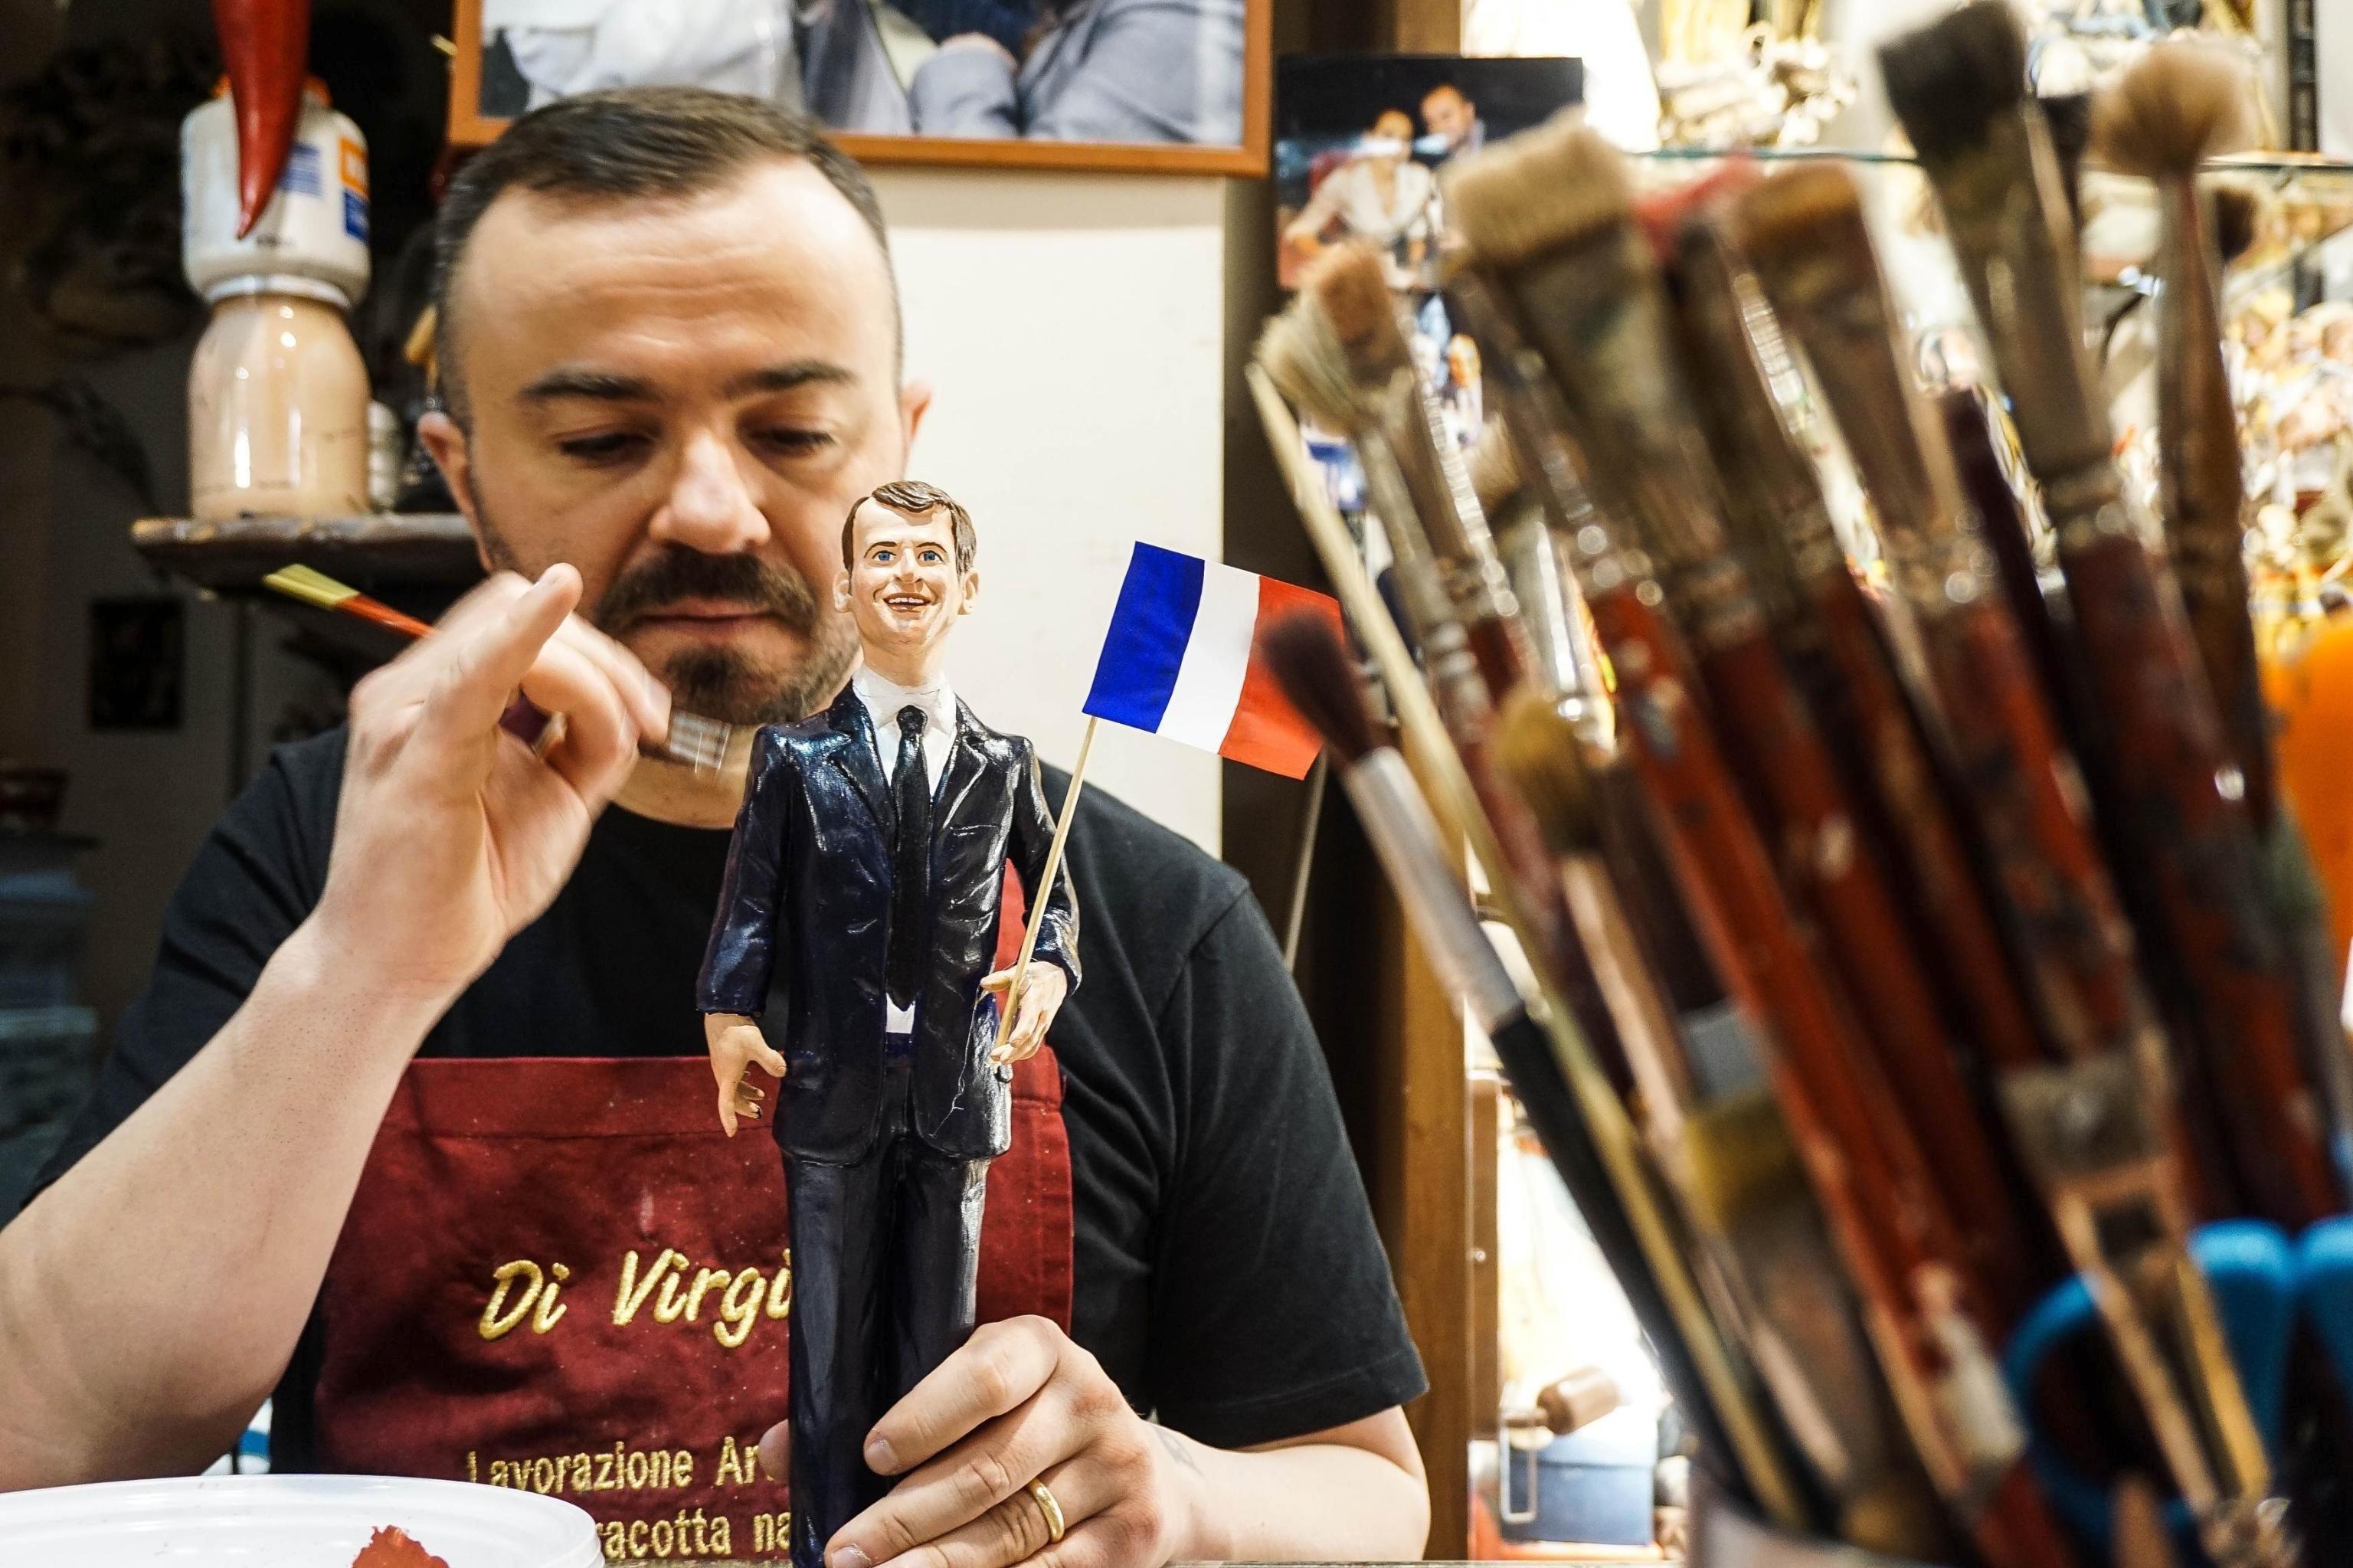 L'artista italià Genny Di Virgilio dóna els últims retocs a una figura del president electe francès, Emmanuel Macron, exposada en un aparador de Nàpols (Itàlia). /CESSÉS ABBATE